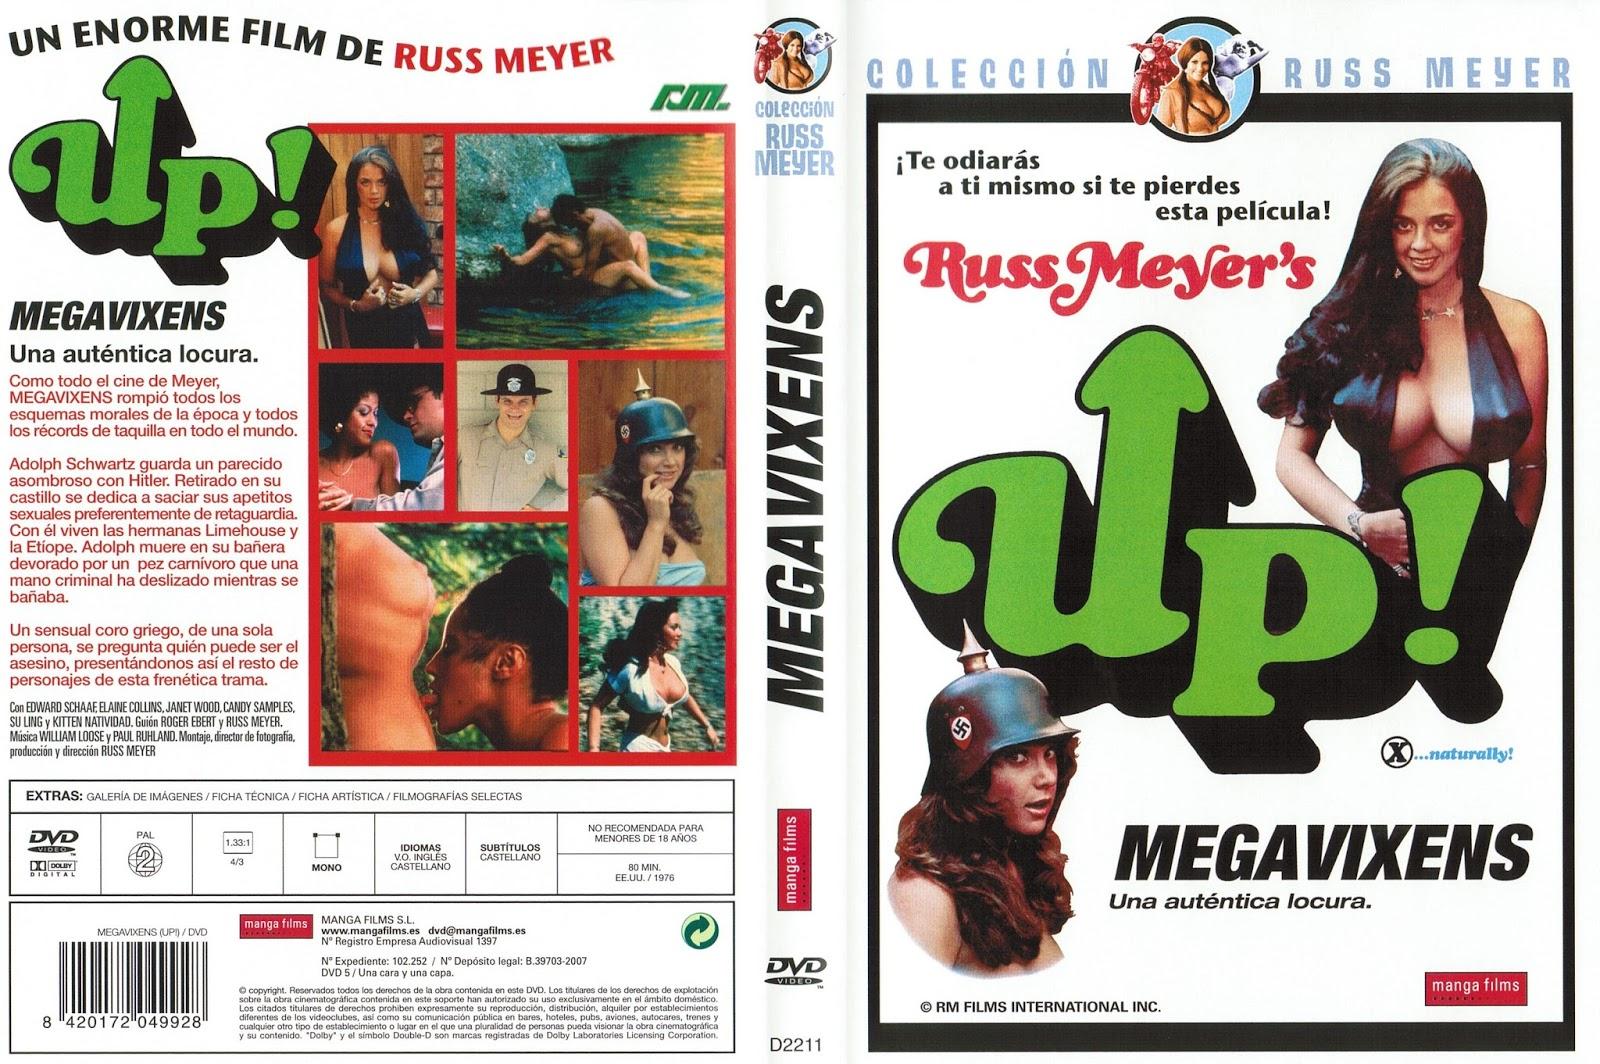 Megavixens Up! (1976)